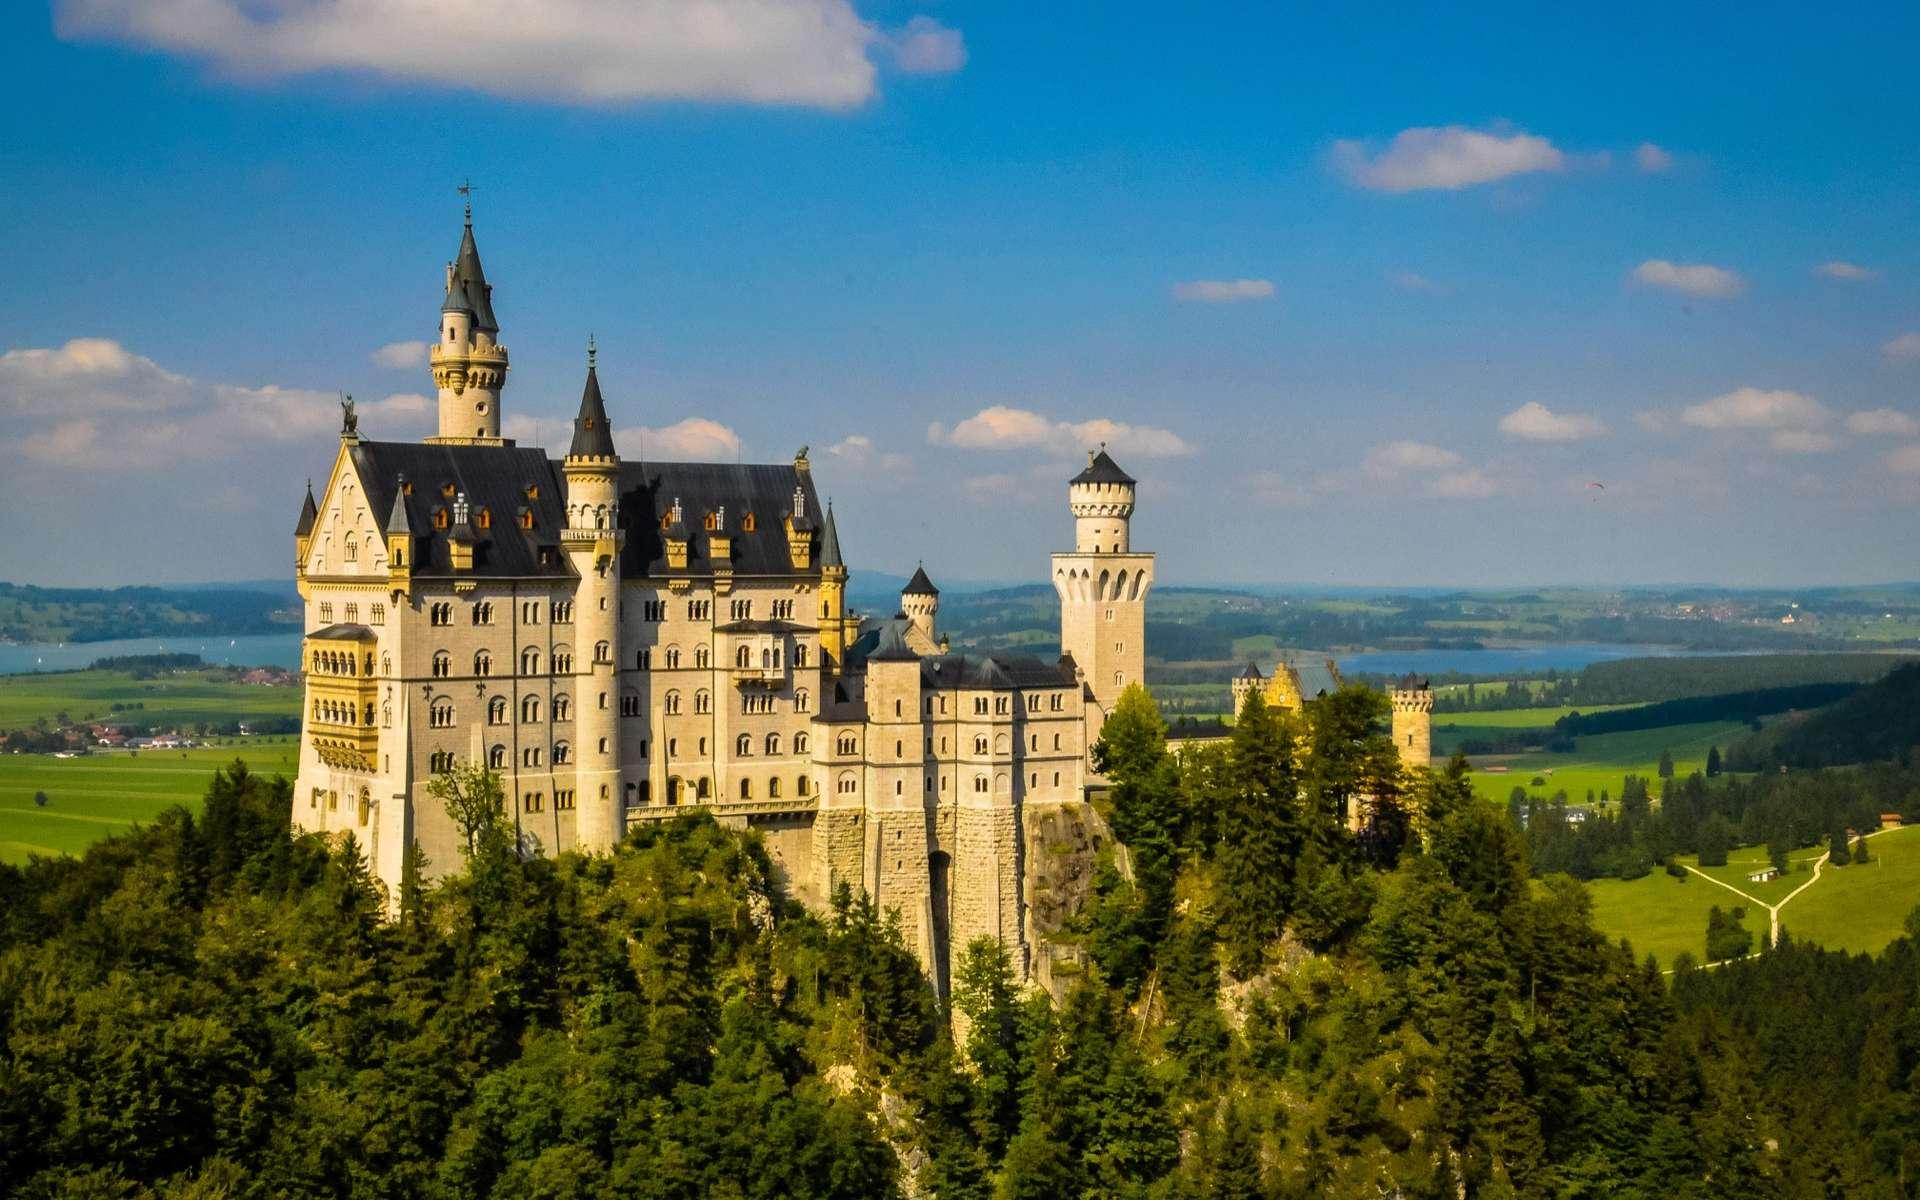 Le château de Neuschwanstein, ouvert au public en 1886, est l'un des plus visités d'Europe. © Heribert Pohl, Wikimedia Commons, by-sa CC 2.0